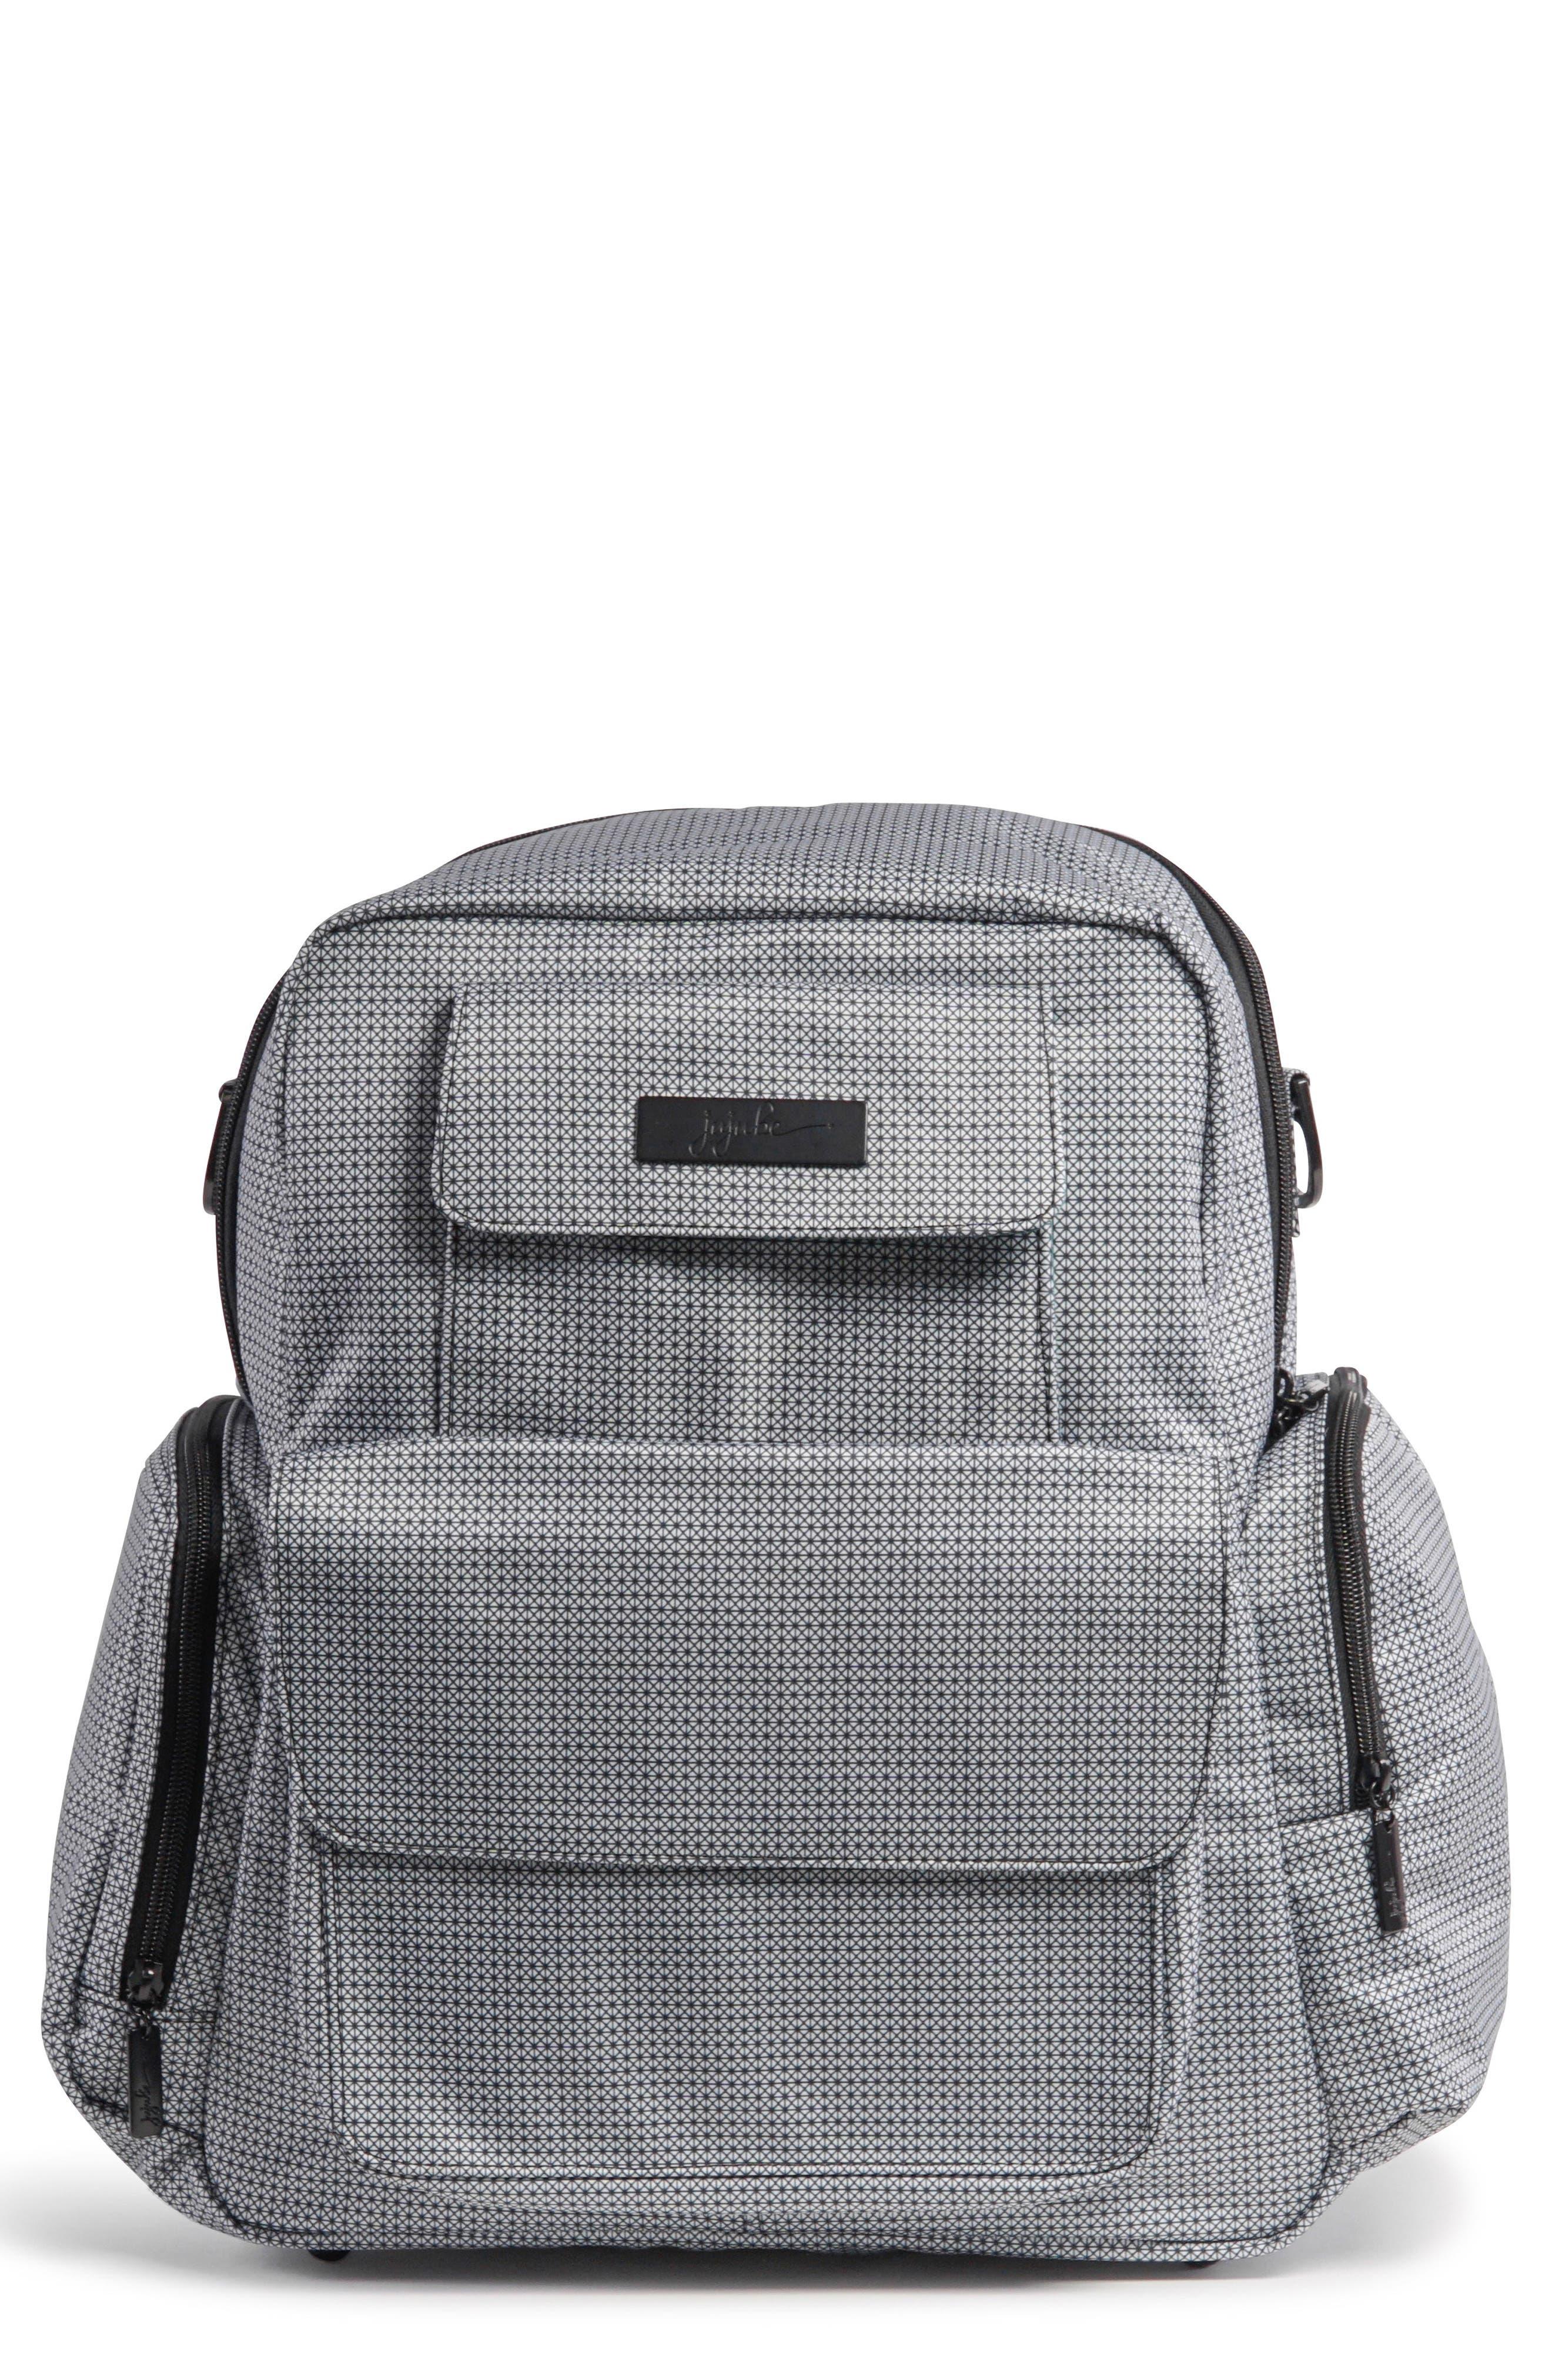 Be Nurtured Pumping Backpack,                         Main,                         color, BLACK MATRIX